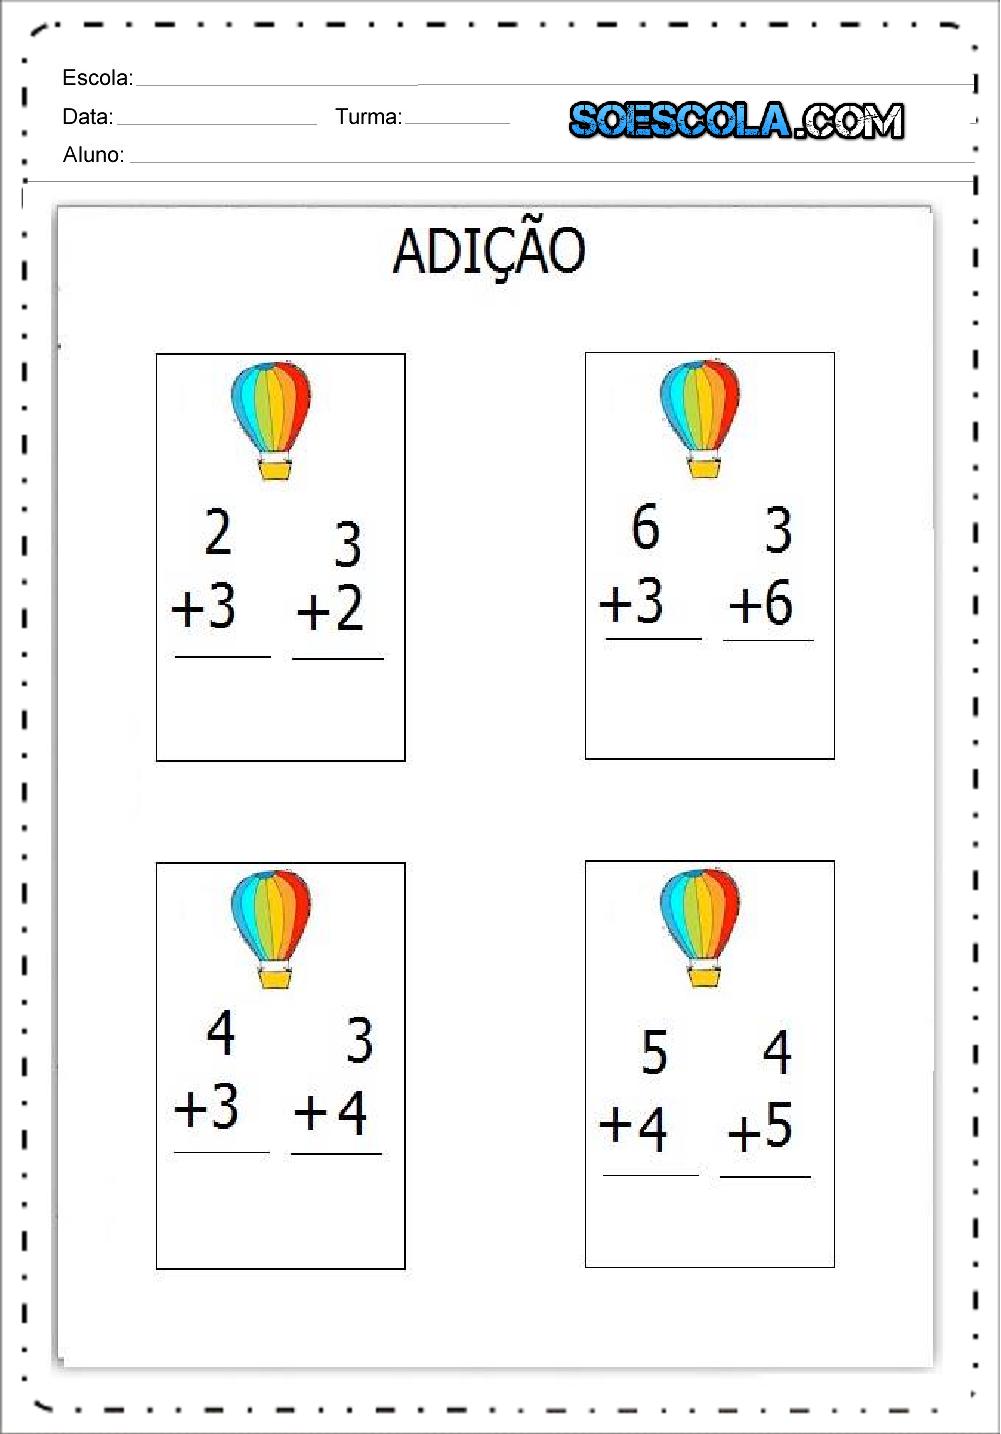 4 Atividades de Adição - Continhas de Adição para imprimir